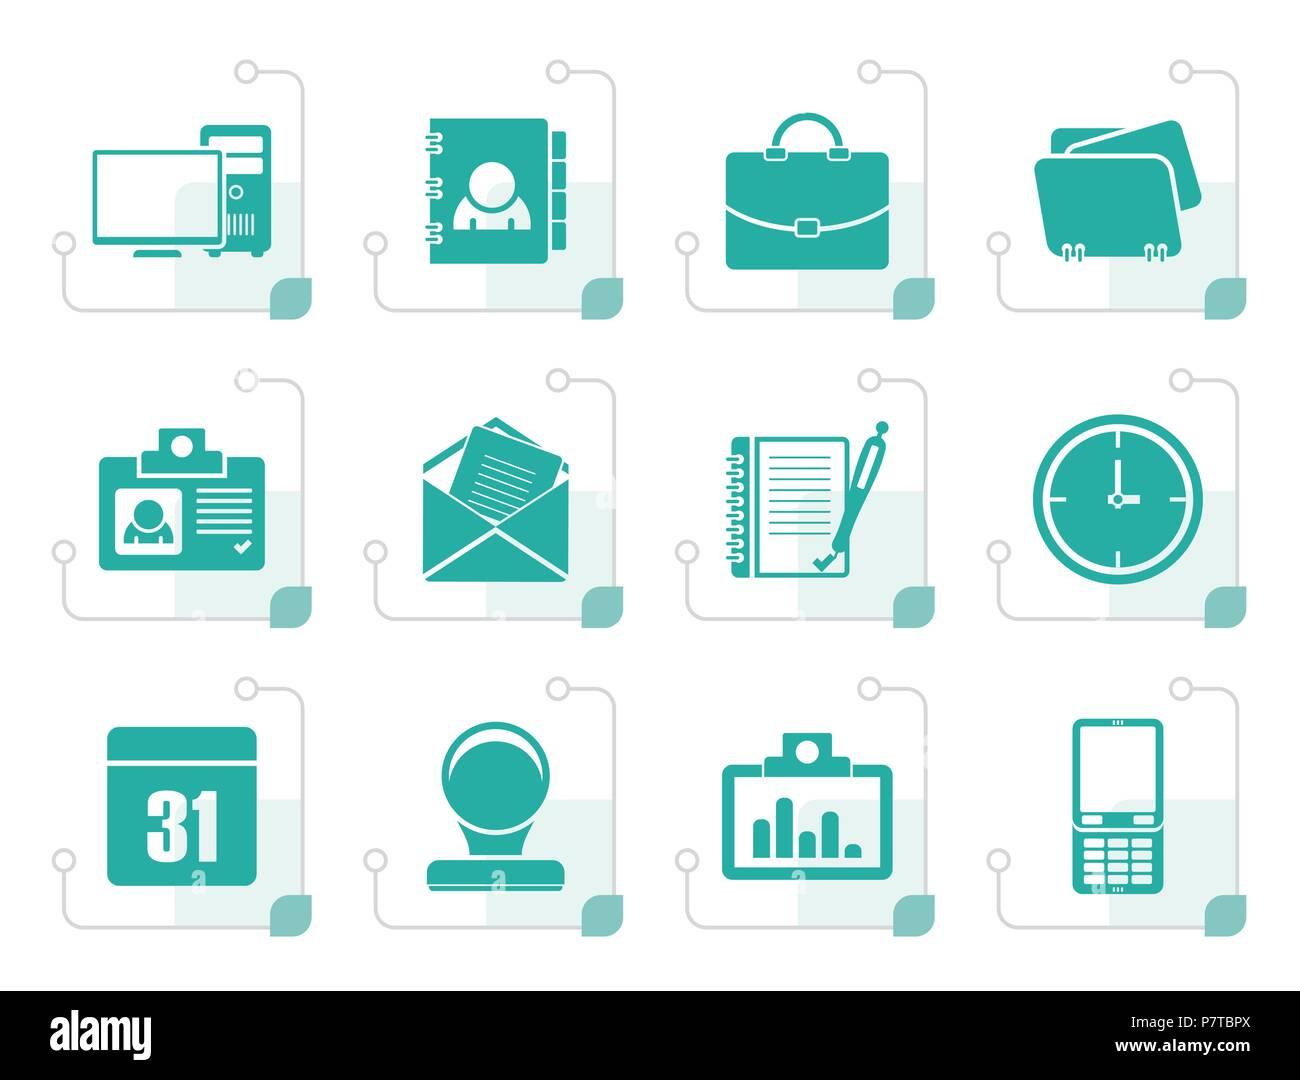 Aplicaciones Web estilizados, Empresa y Oficina iconos, iconos universales - conjunto de iconos vectoriales Imagen De Stock